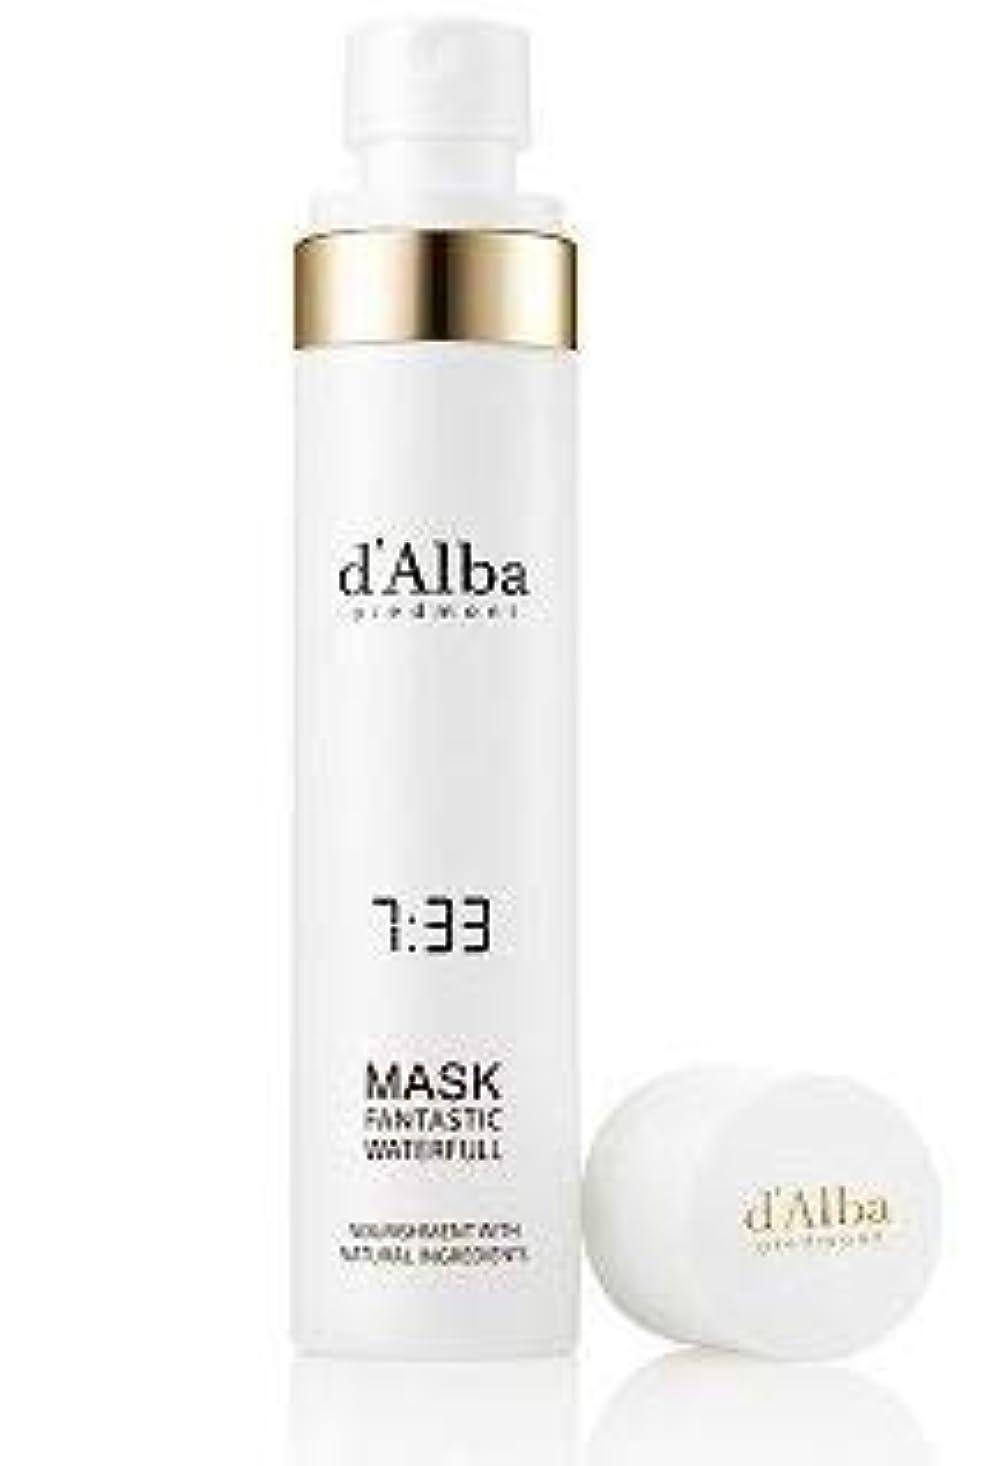 電子レンジかみそり知り合い[dAlba] Fantastic Waterfull Spray Mask 100ml /[ダルバ] ファンタスティック ウォーターフォール マスク100ml [並行輸入品]